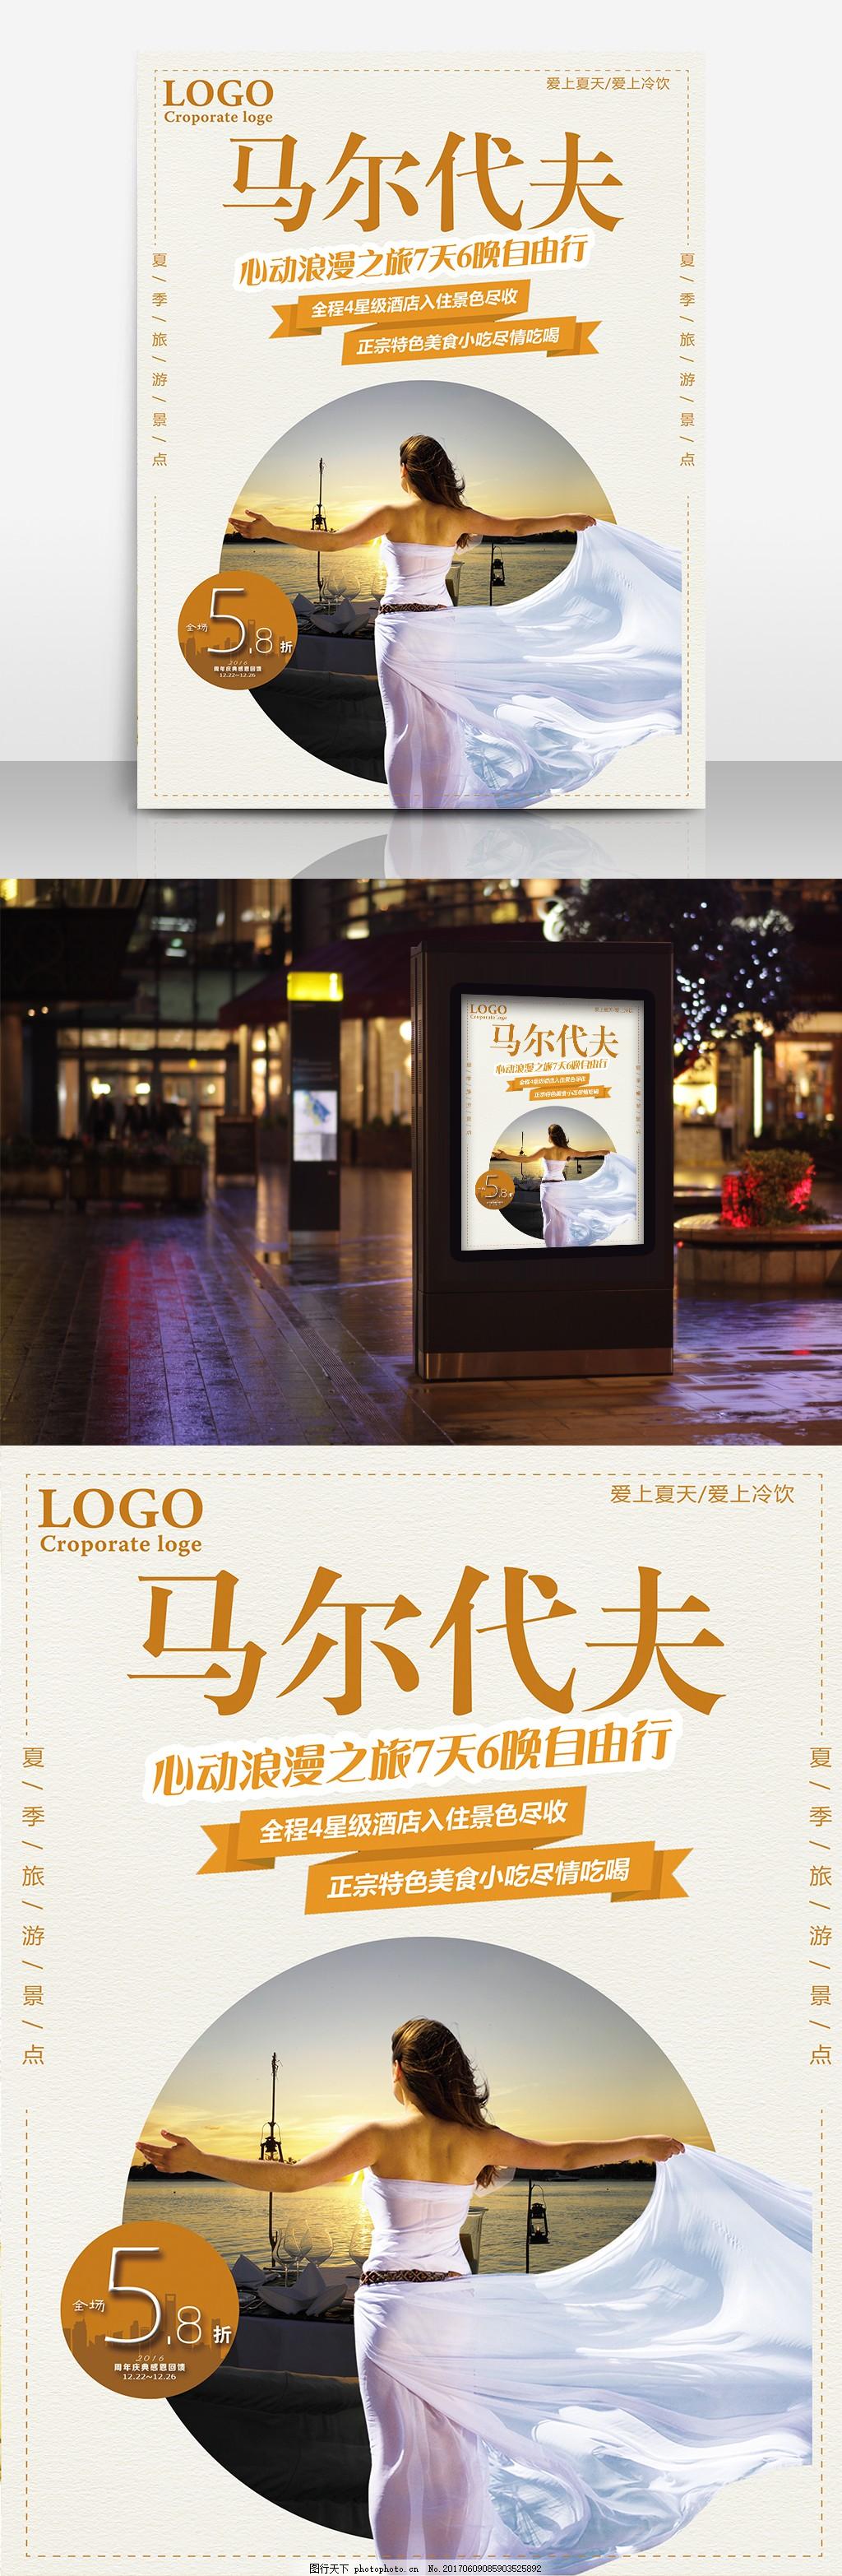 马尔代夫旅游促销海报 马尔代夫 旅游 旅游海报 海边 dm单 宣传单